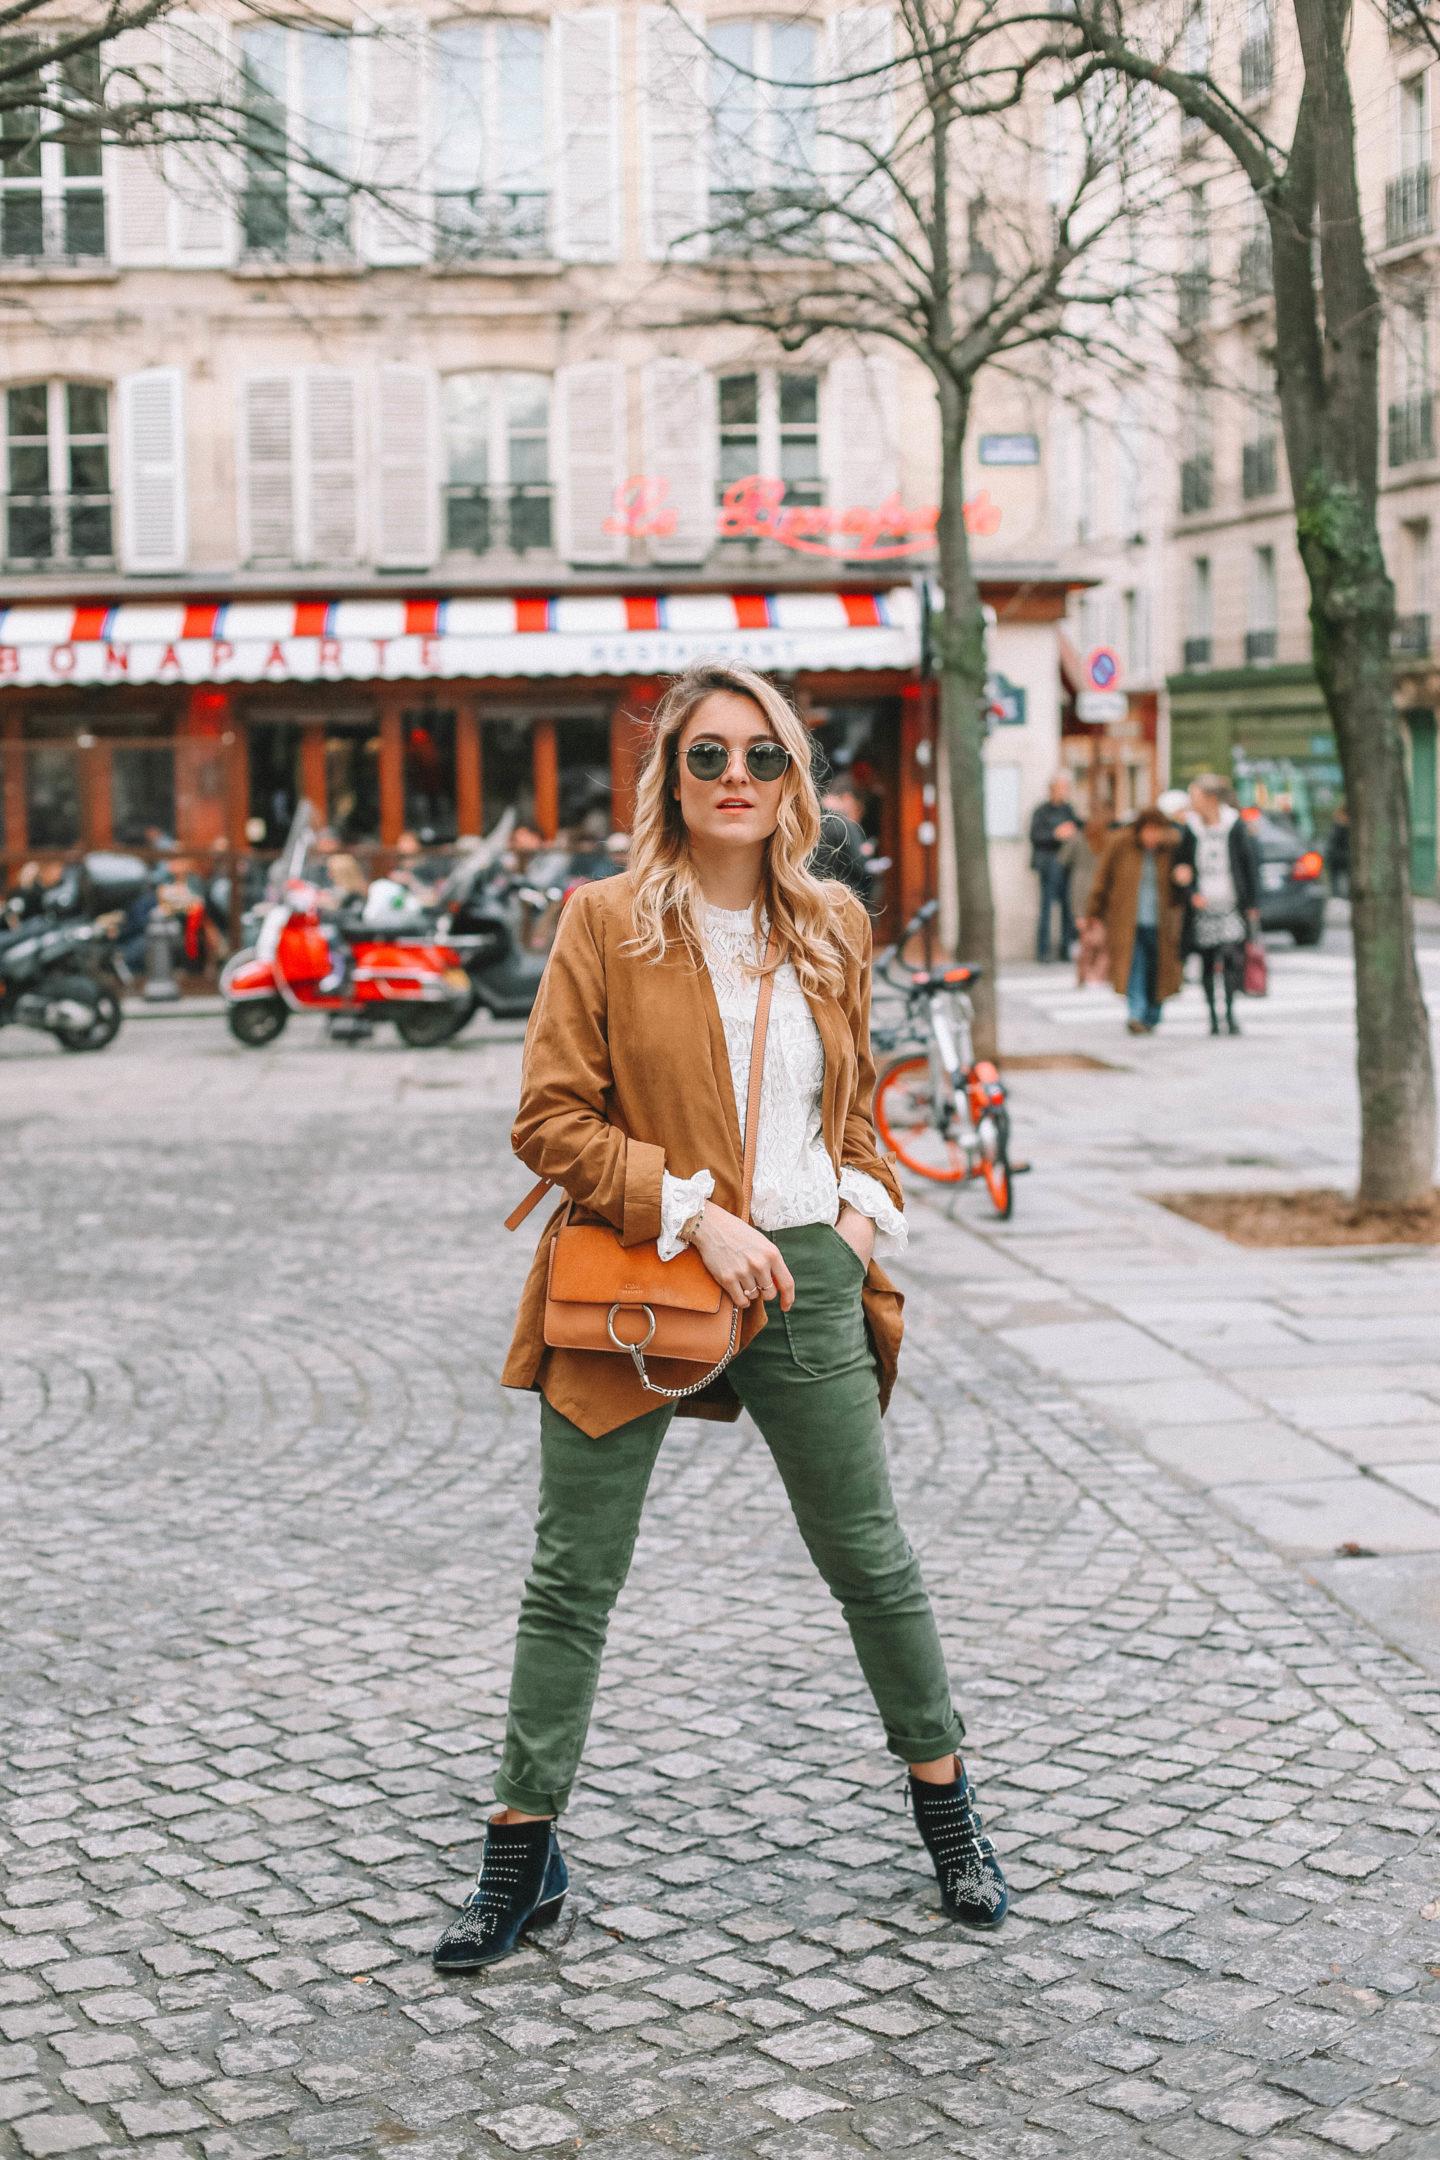 Saint-Germain-des-près Paris - Blondie Baby blog mode et voyages